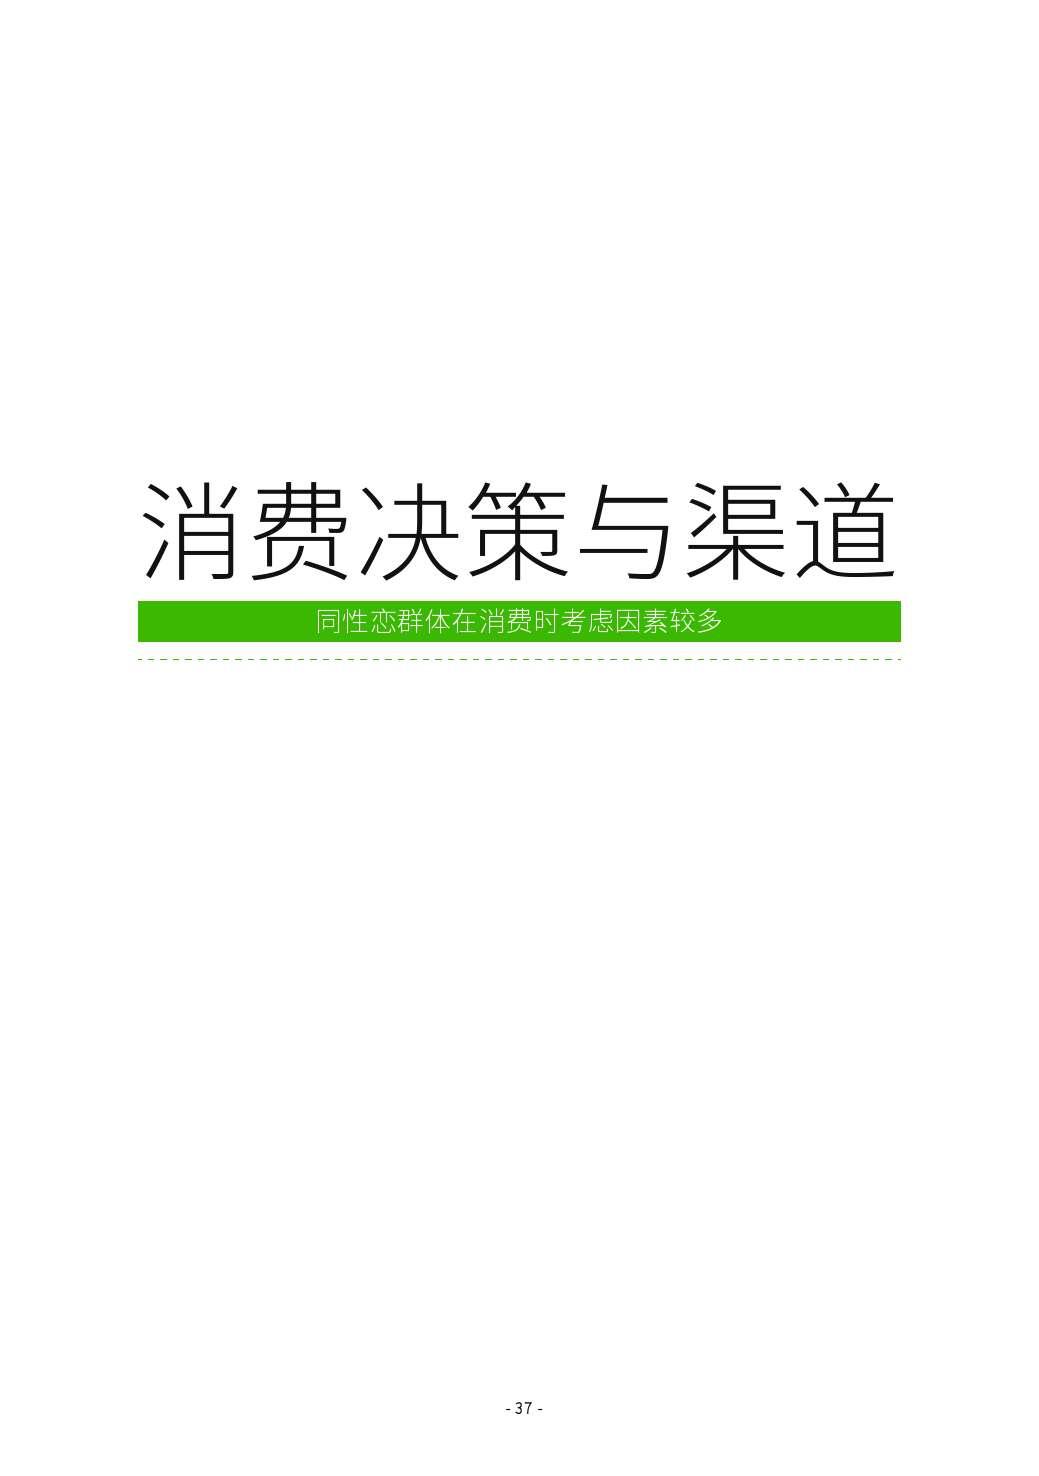 第二届中国LGBT群体消费调查报告_000037